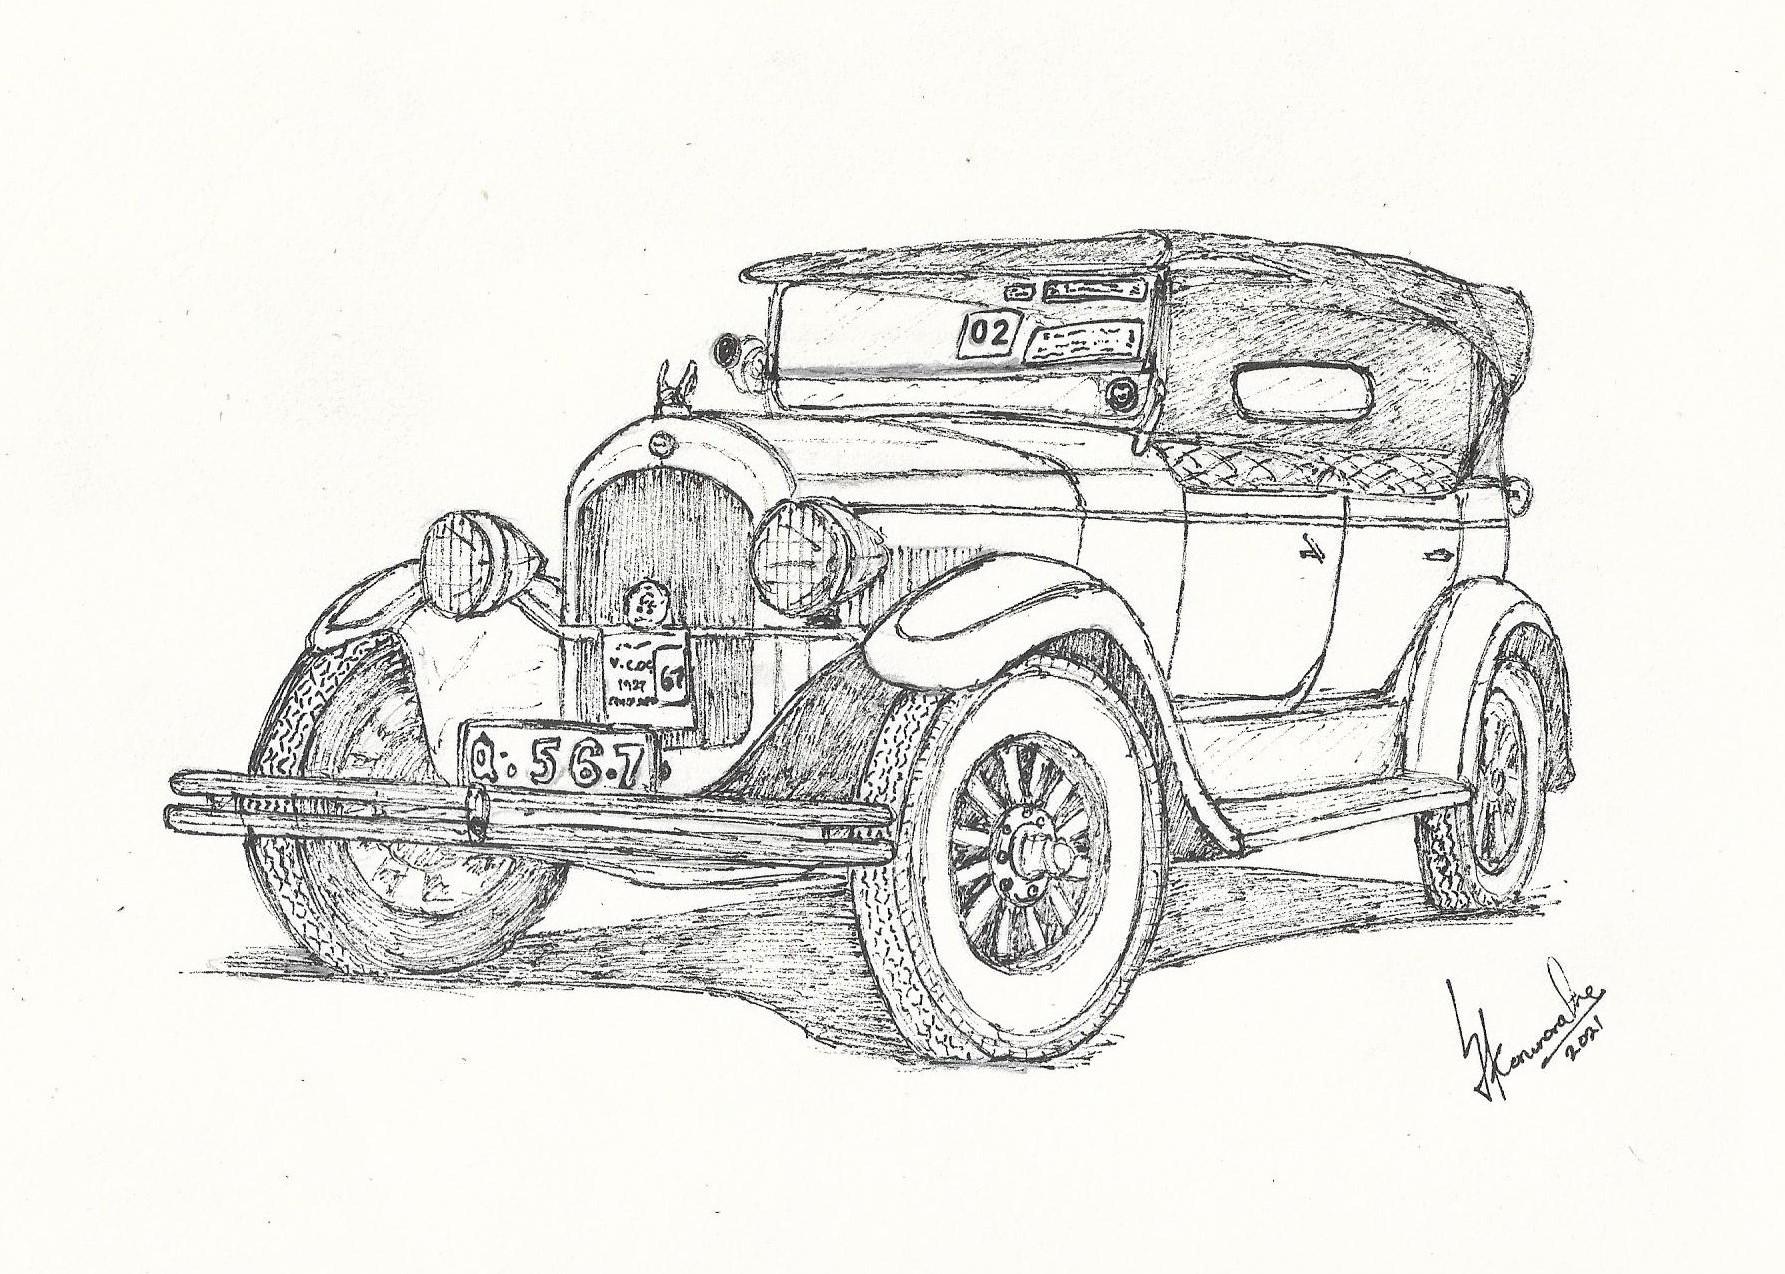 1927 Chrysler Imperial by Lahiru Karunaratne